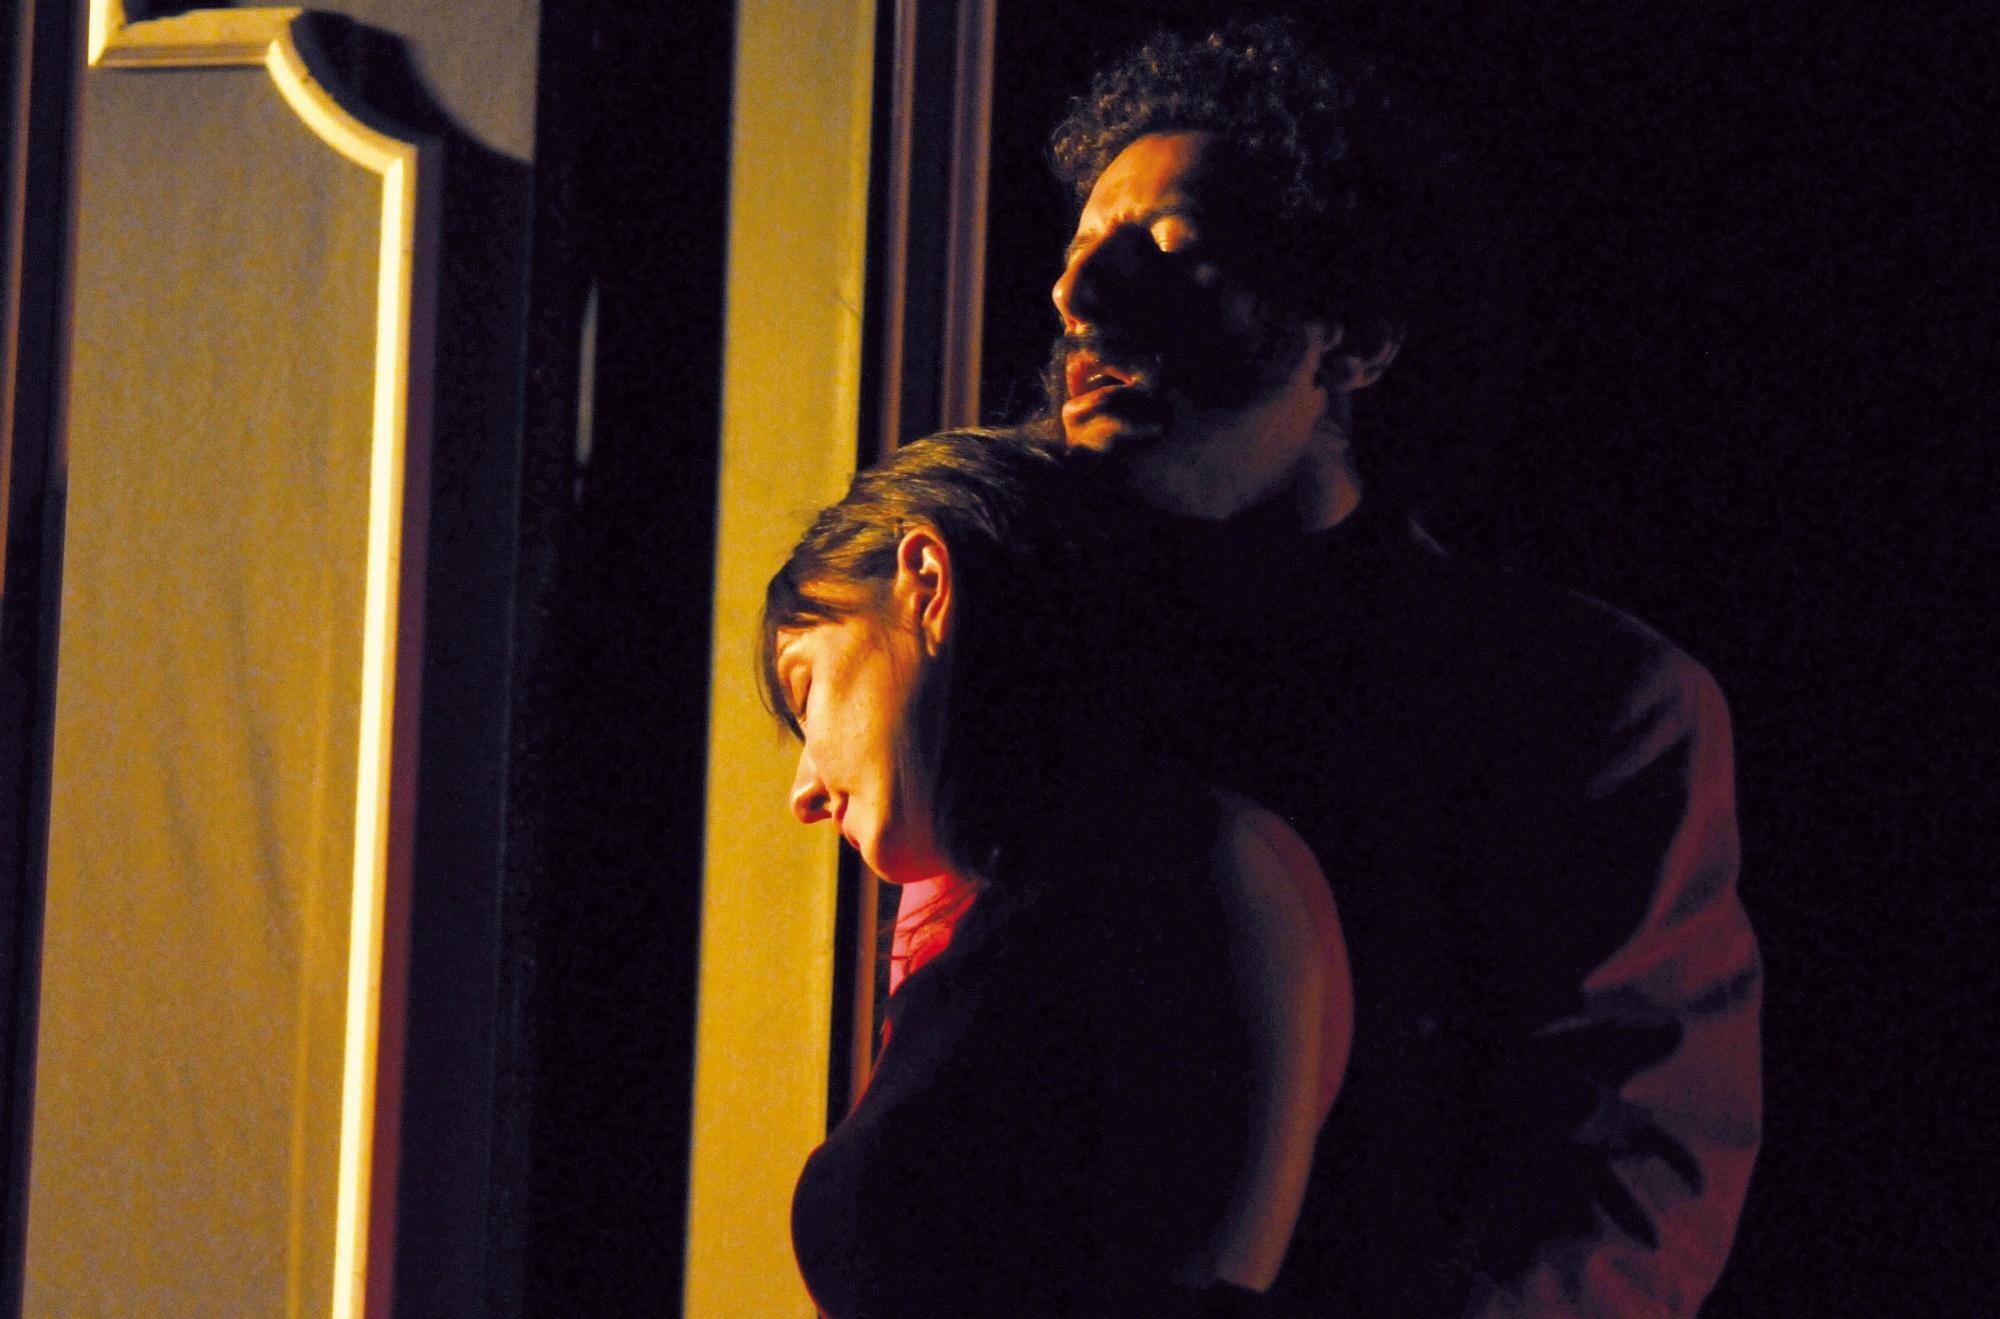 Ambra e Francesco Scianna in scena con i  Tradimenti  di Pinter